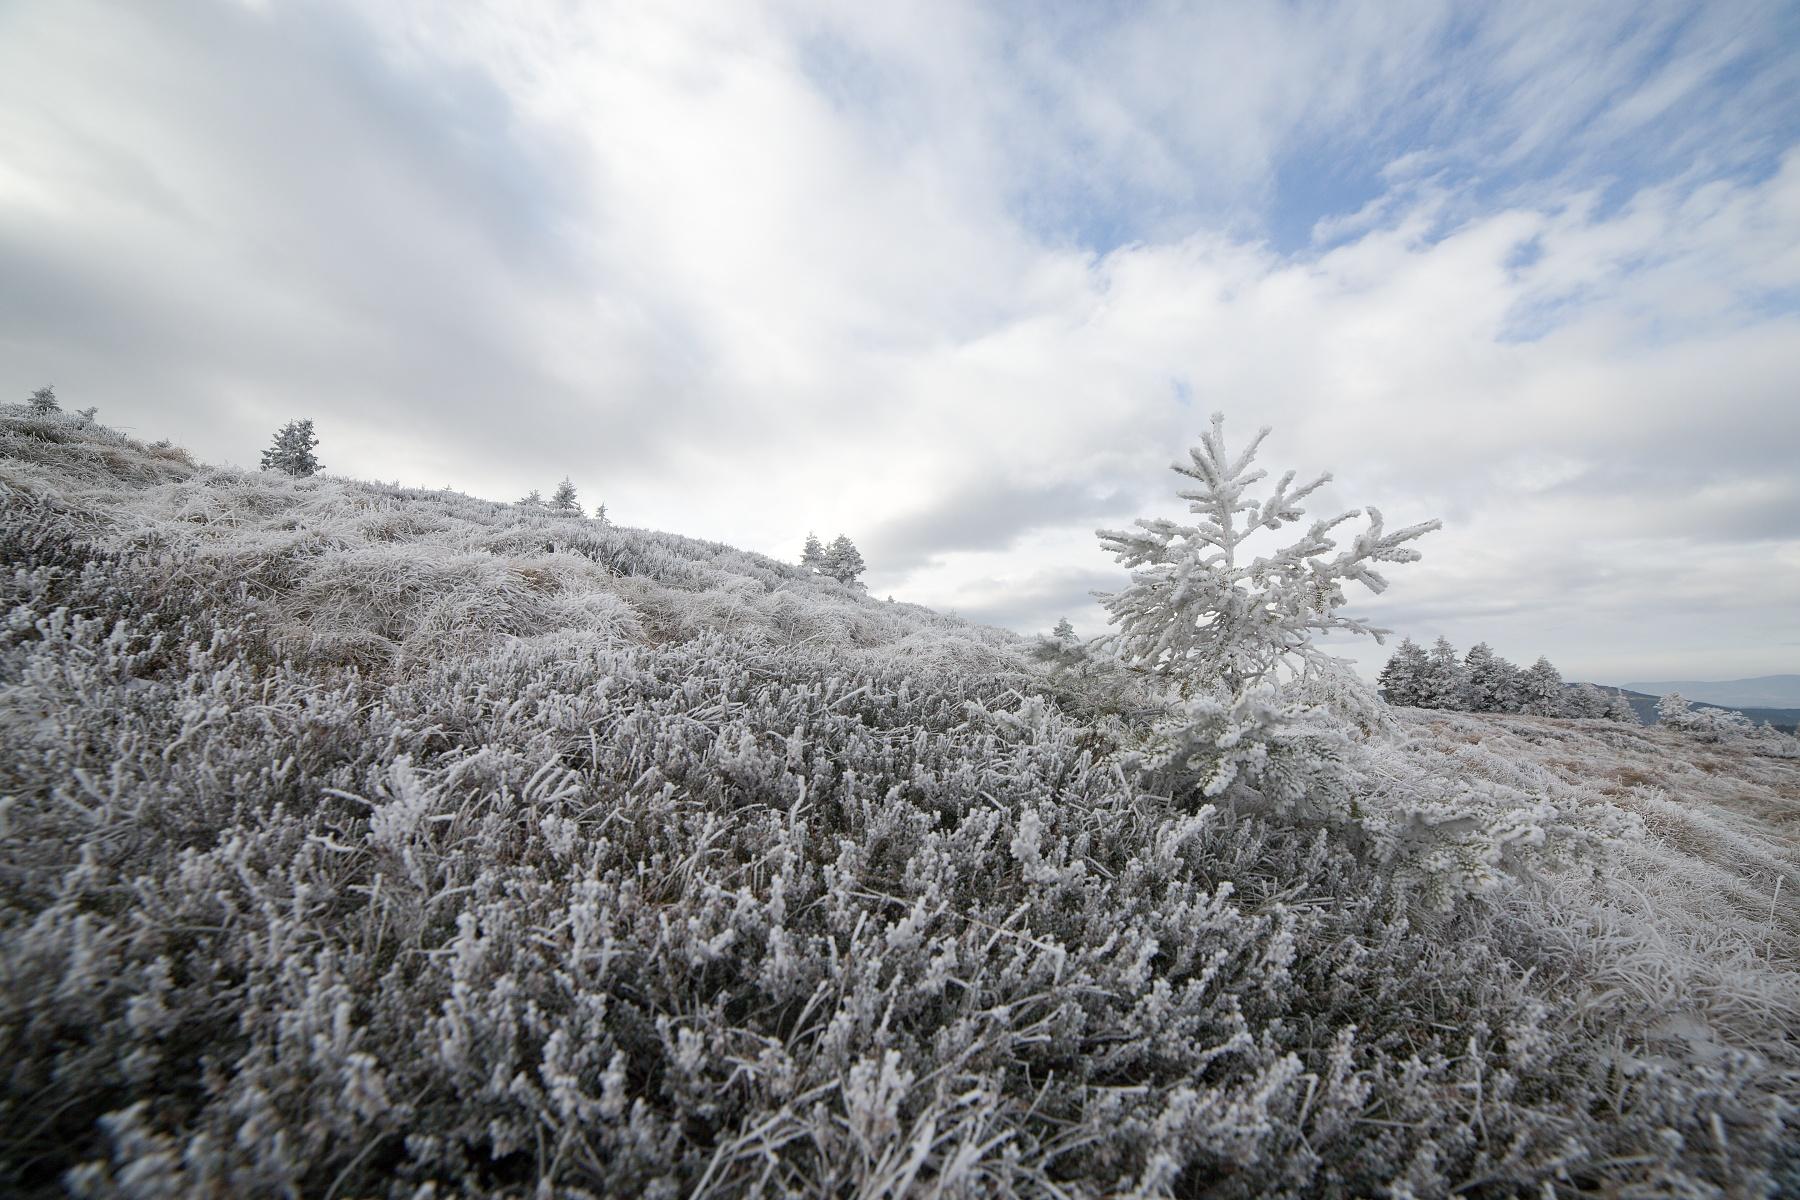 Vysoká hole, Hrubý Jeseník, CHKO Jeseníky, Česká republika Canon EOS 5d mark III, Samyang 14mm f2.8 IF-ED UMC, f8, 1/500, ISO 250, 19. november 2018